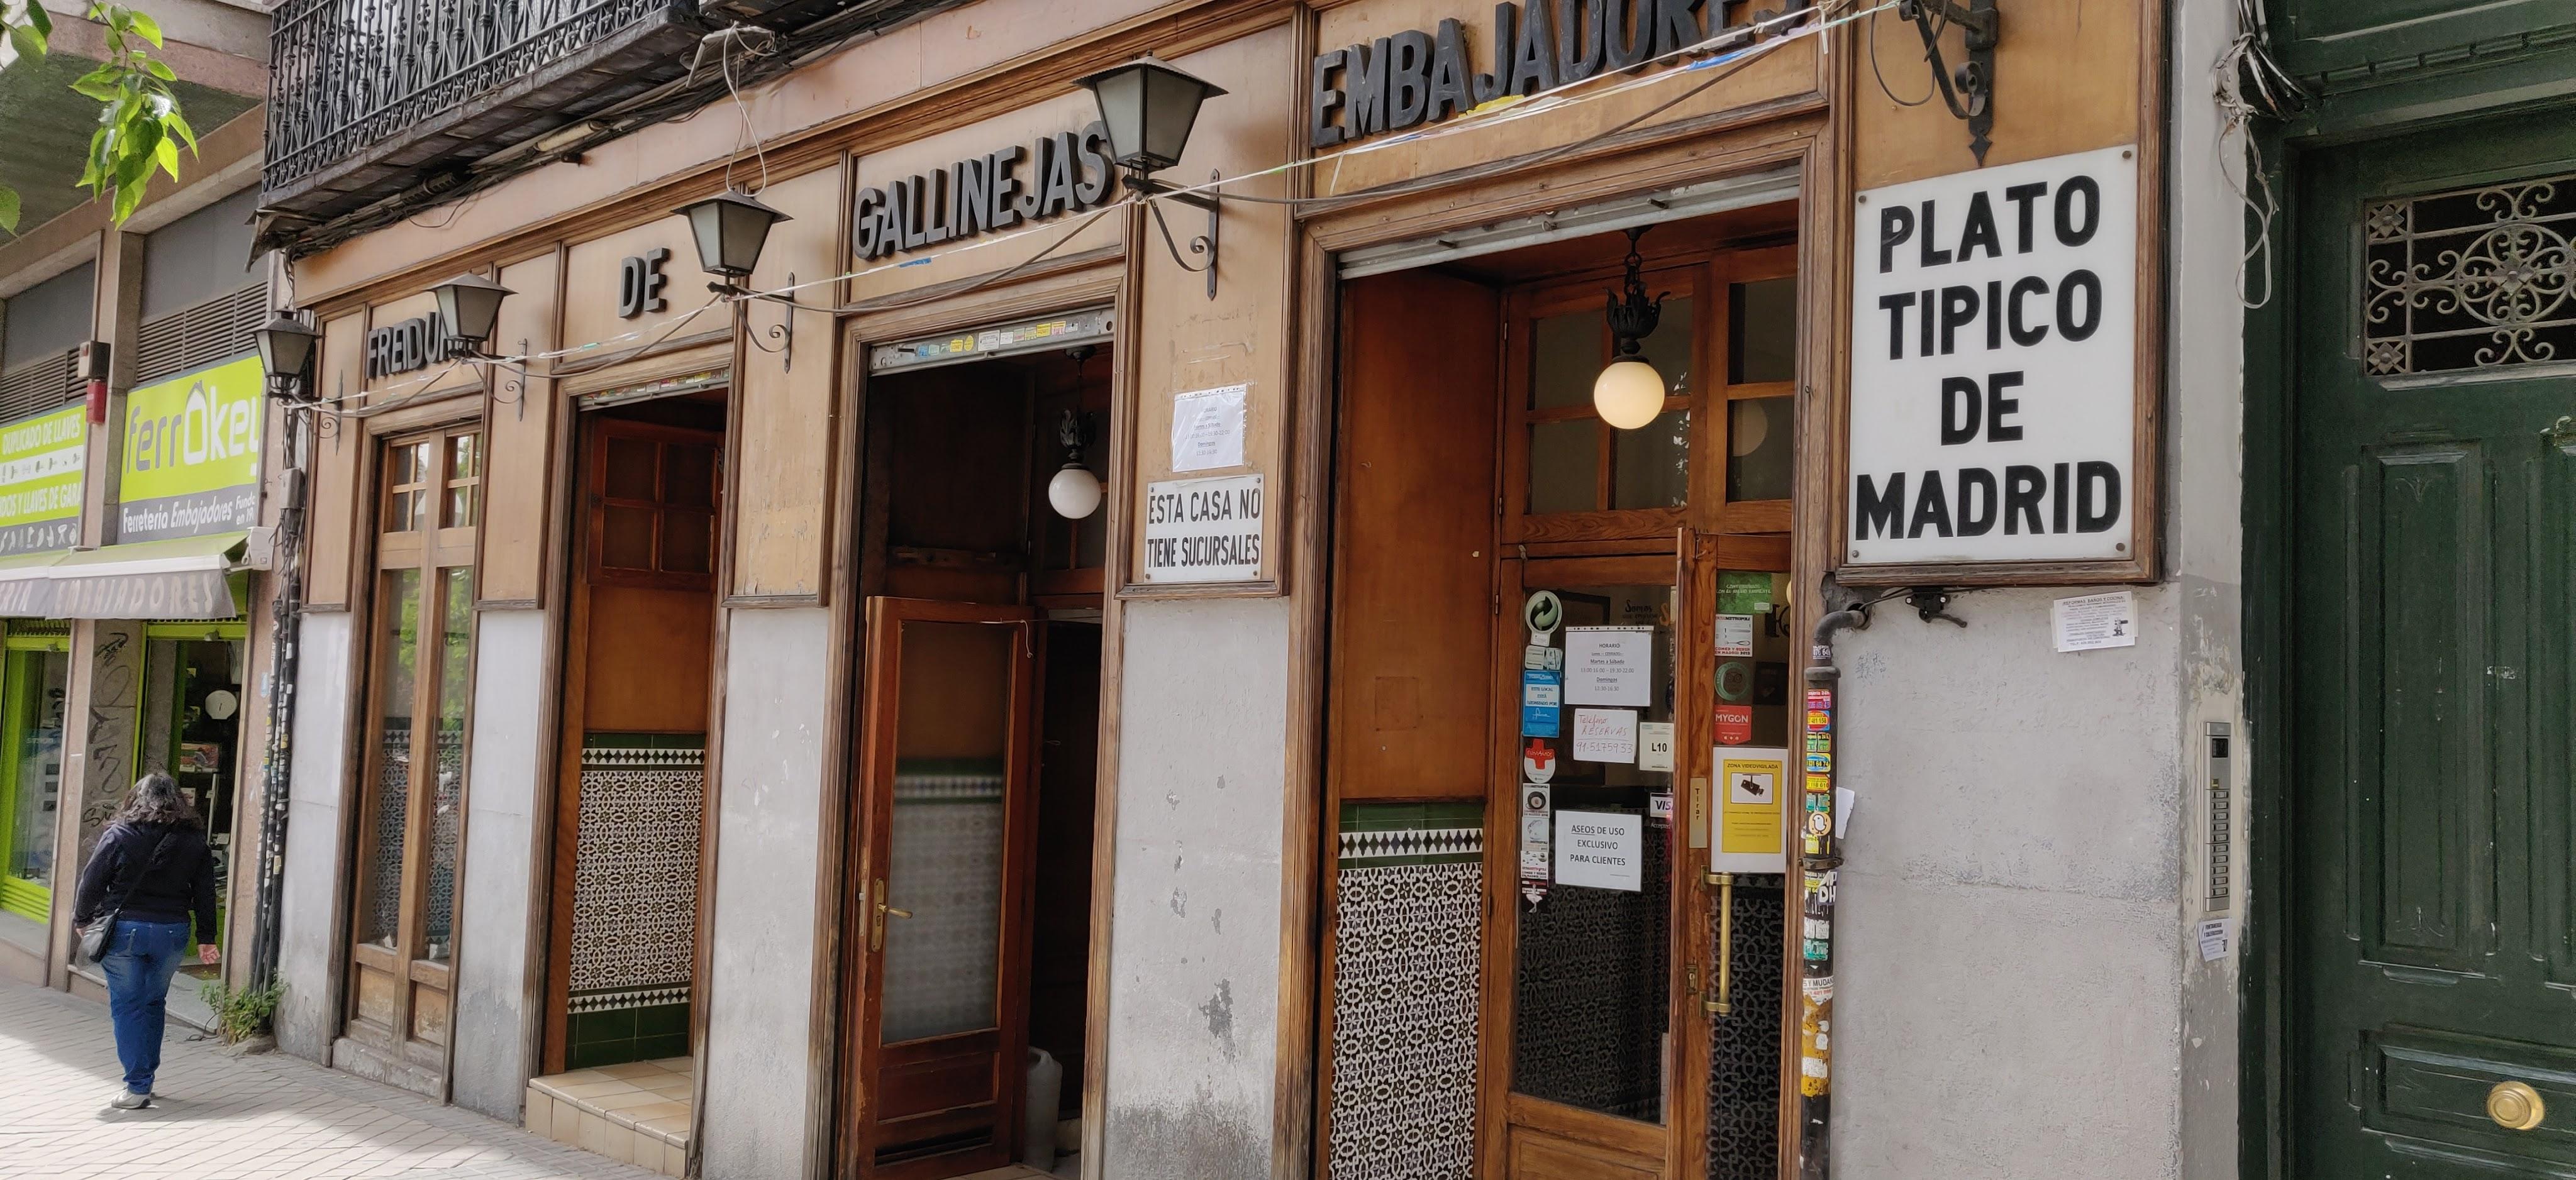 Restaurante Freiduria de Gallinejas Embajadores